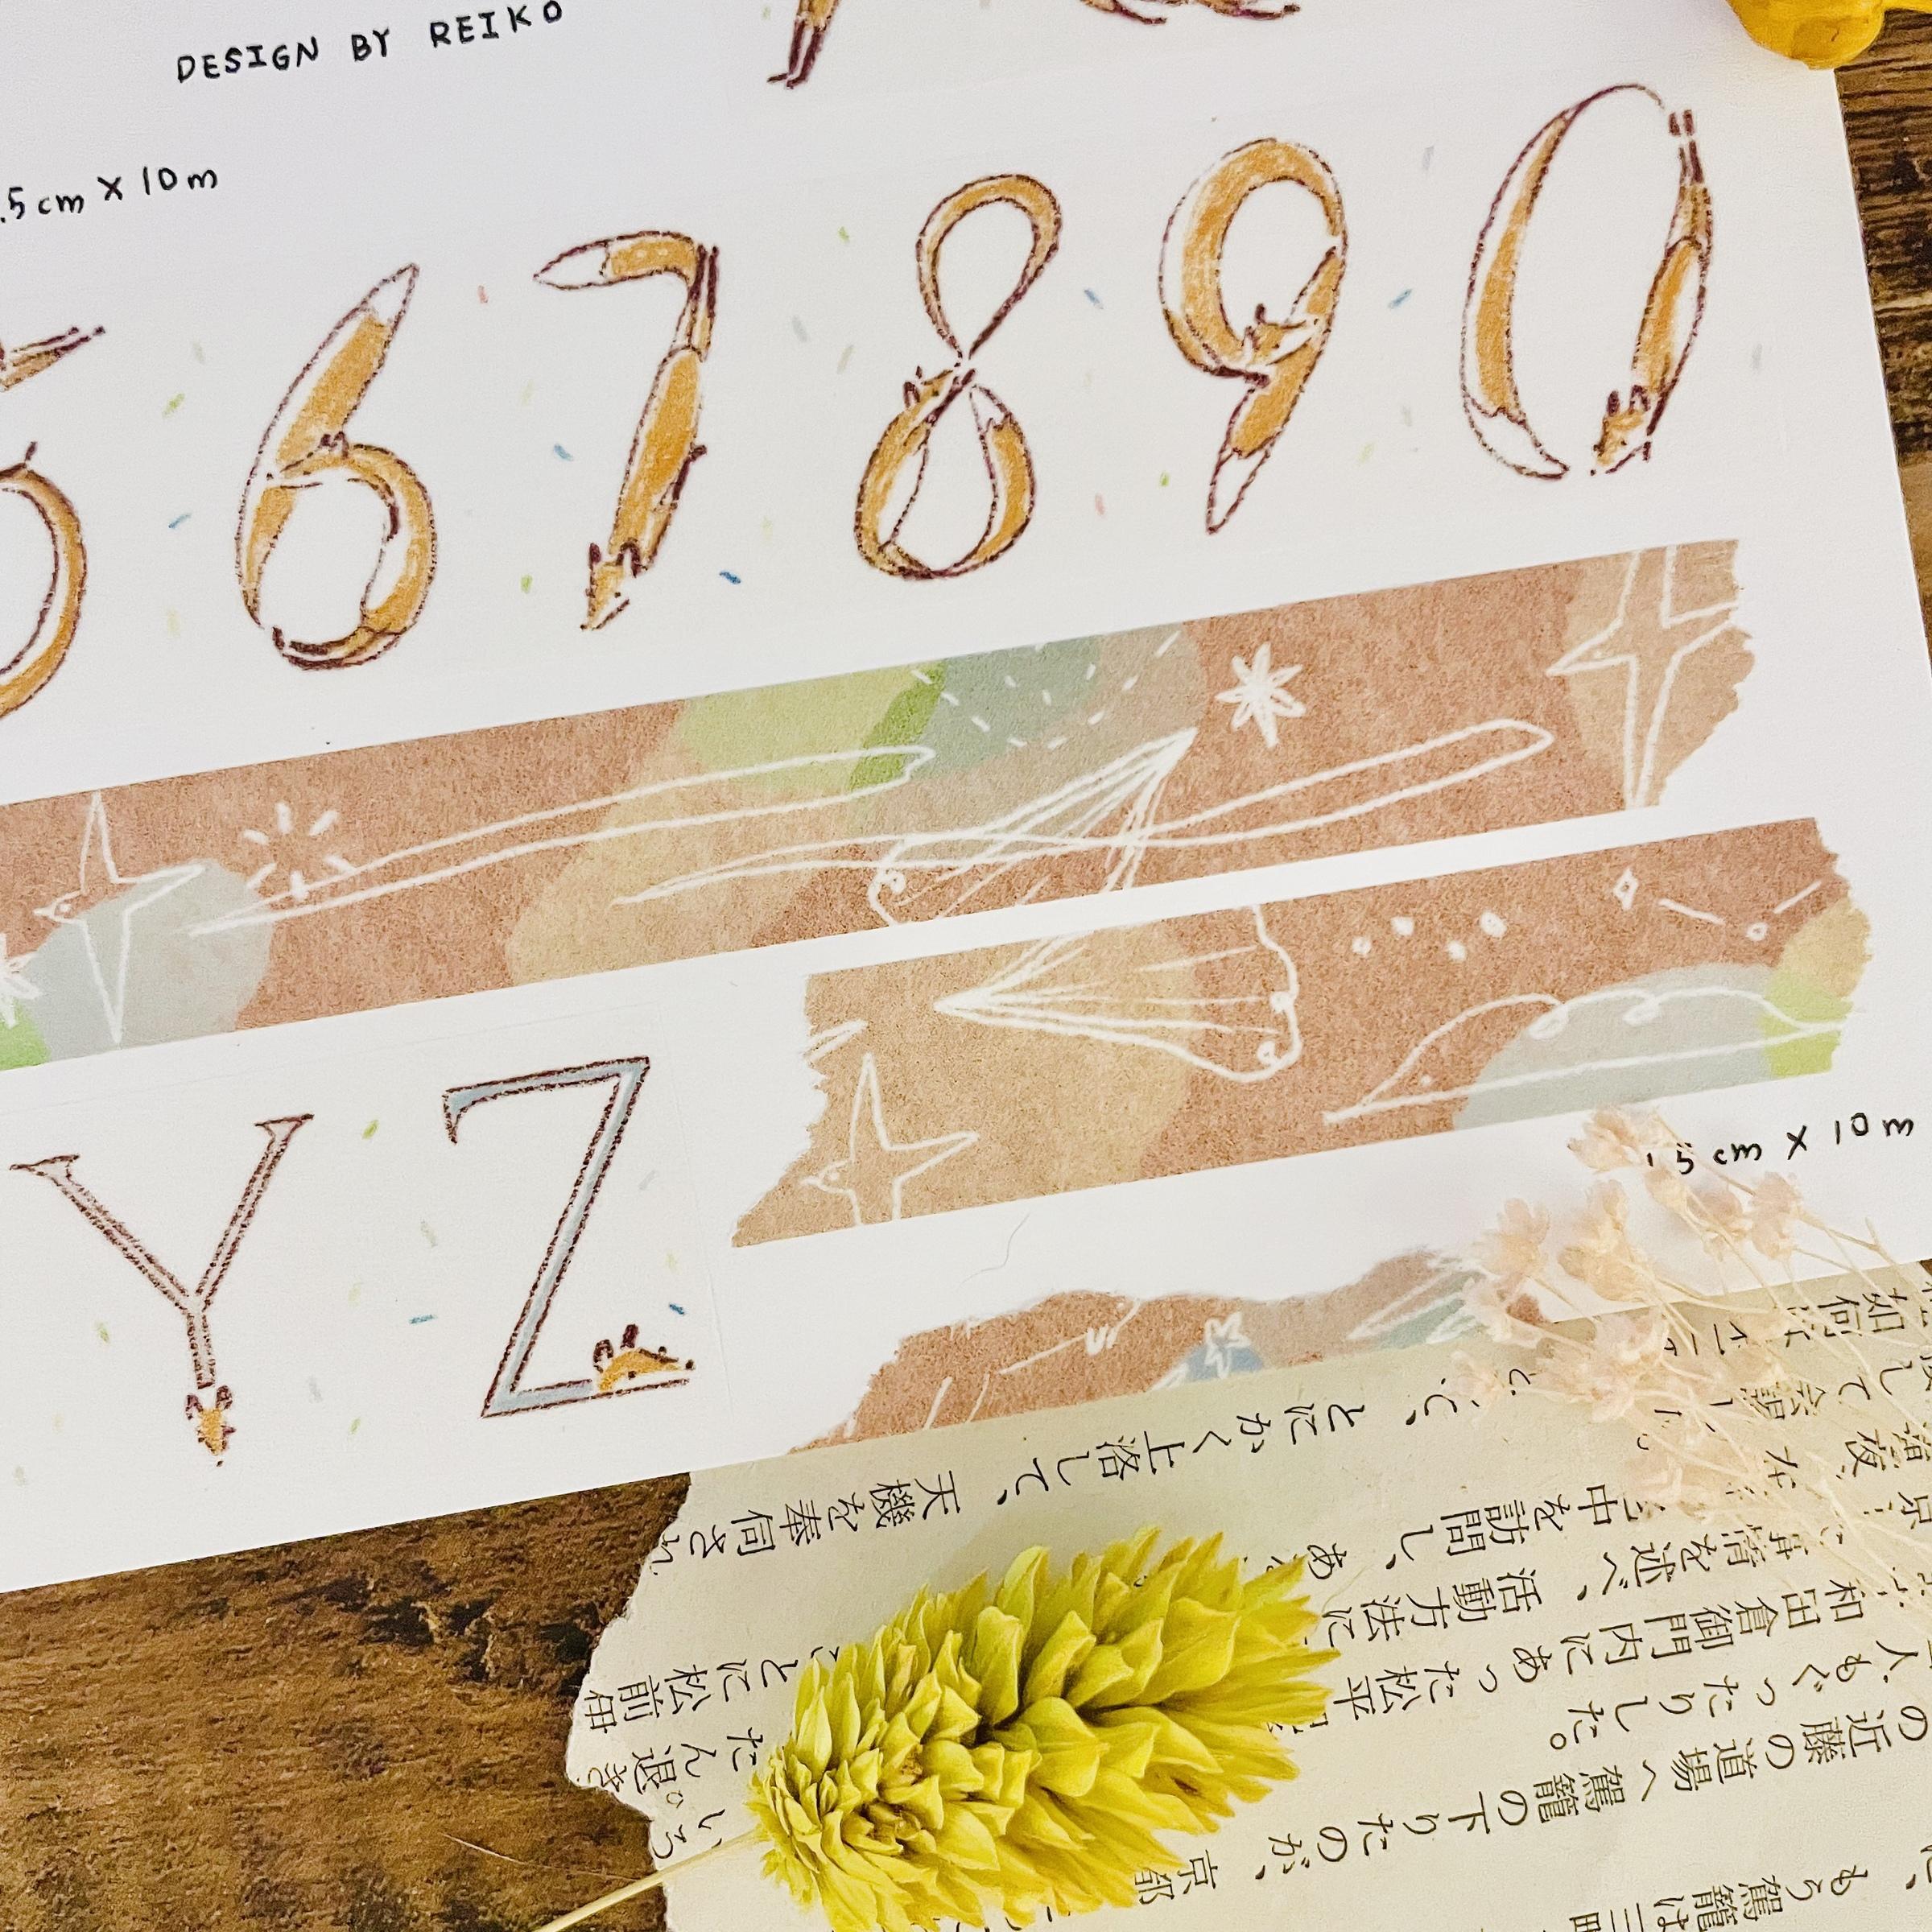 D5069451-69FC-491E-982F-FB489FC46F45.jpeg